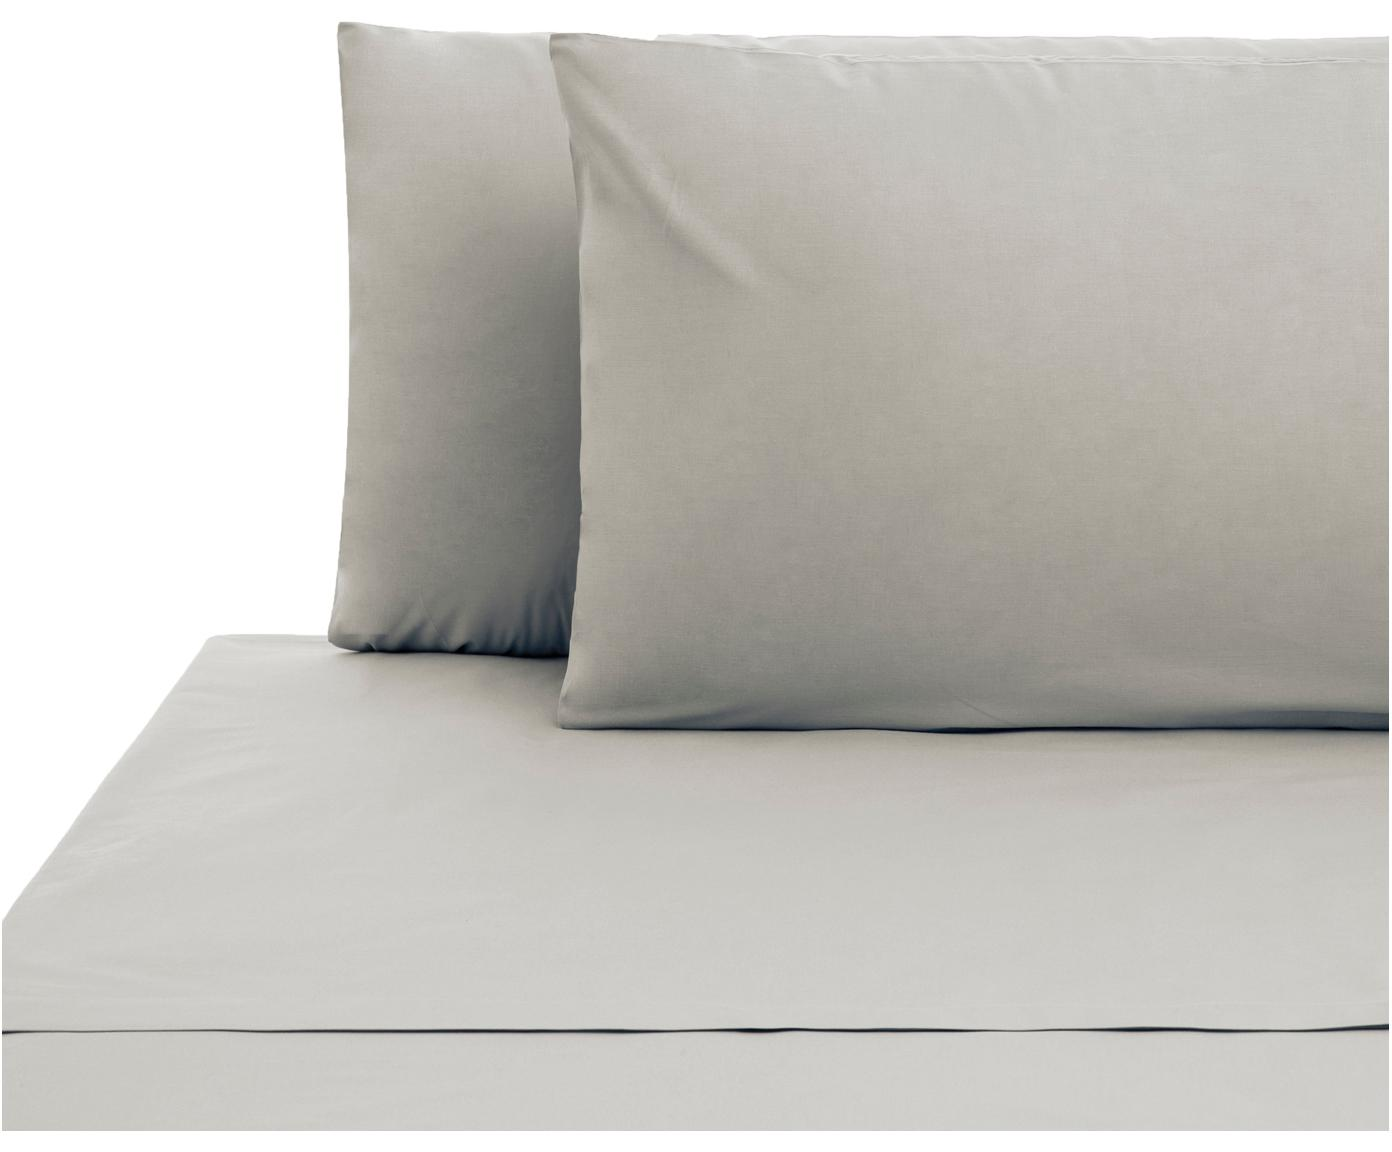 Set lenzuola in cotone ranforce Lenare 2 pz, Tessuto: Renforcé, Fronte e retro: grigio chiaro, 240 x 290 cm